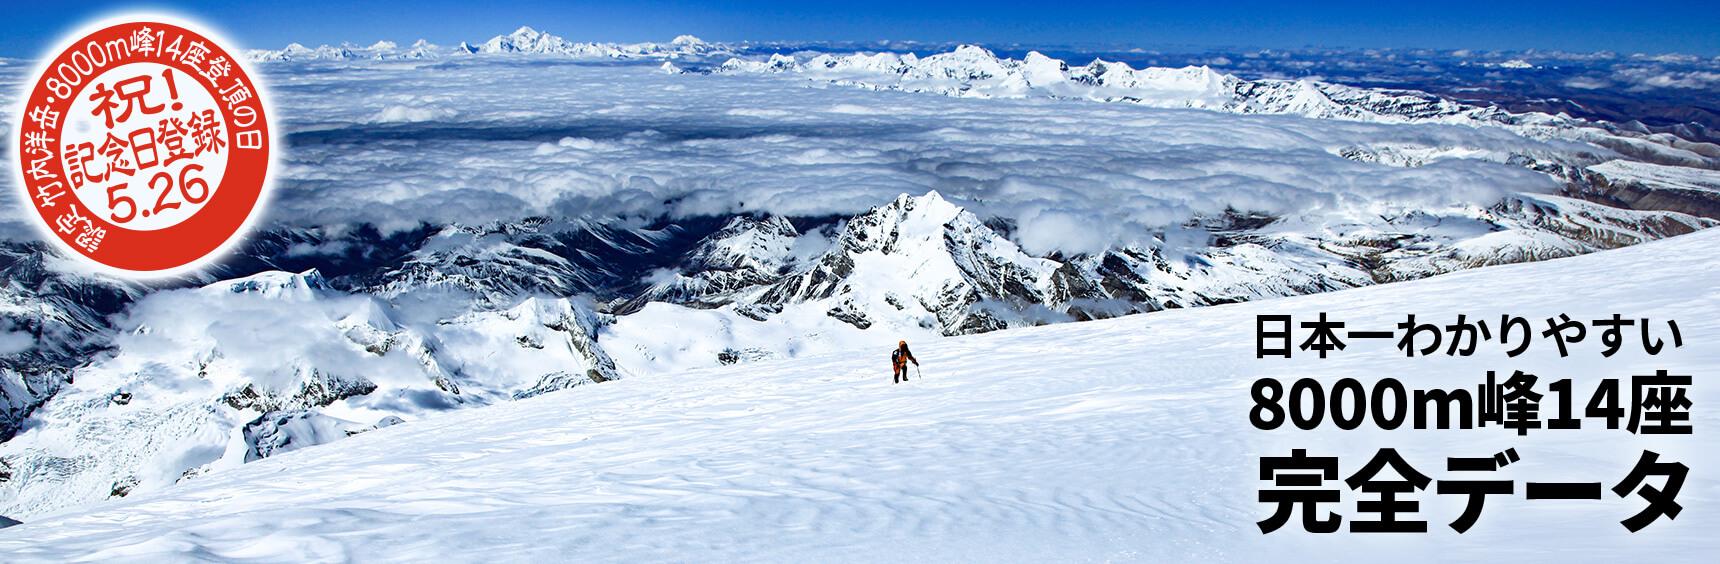 日本一わかりやすい 8000m峰14座完全データ